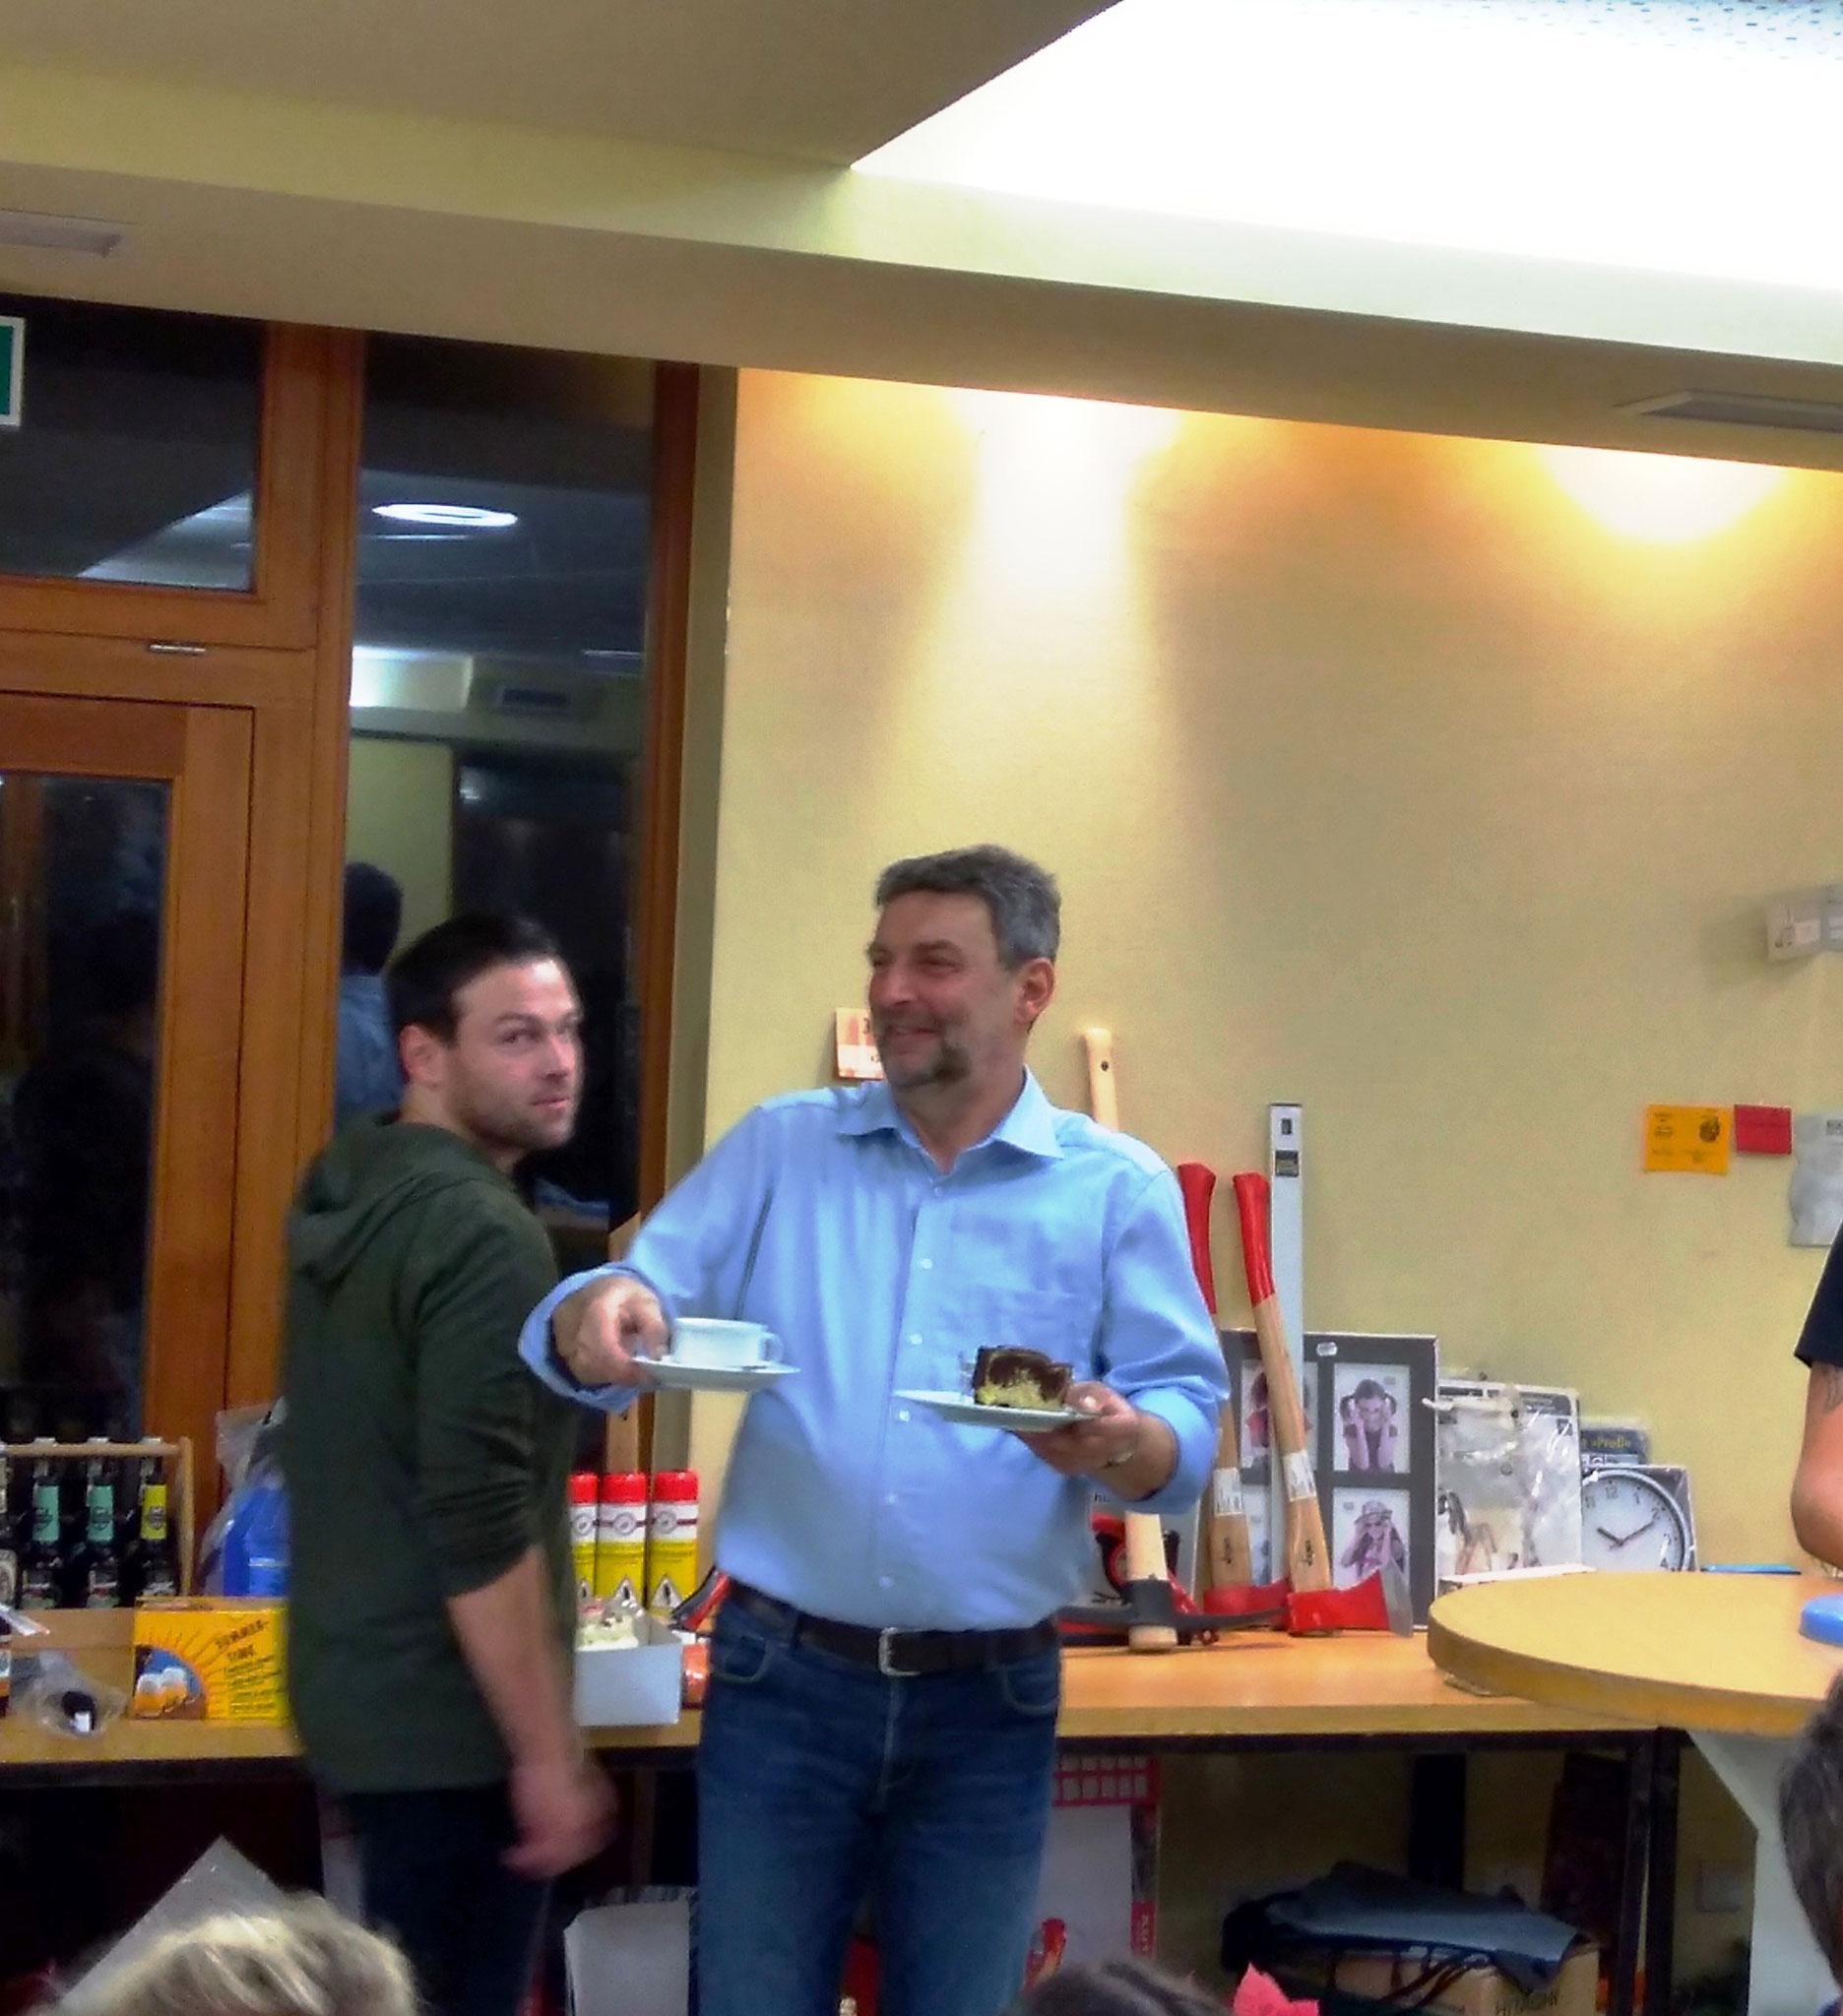 Nach den zahlreichen Gockln von der Metzgerei Wagner wurden auch Kaffee und Kuchen versteigert...